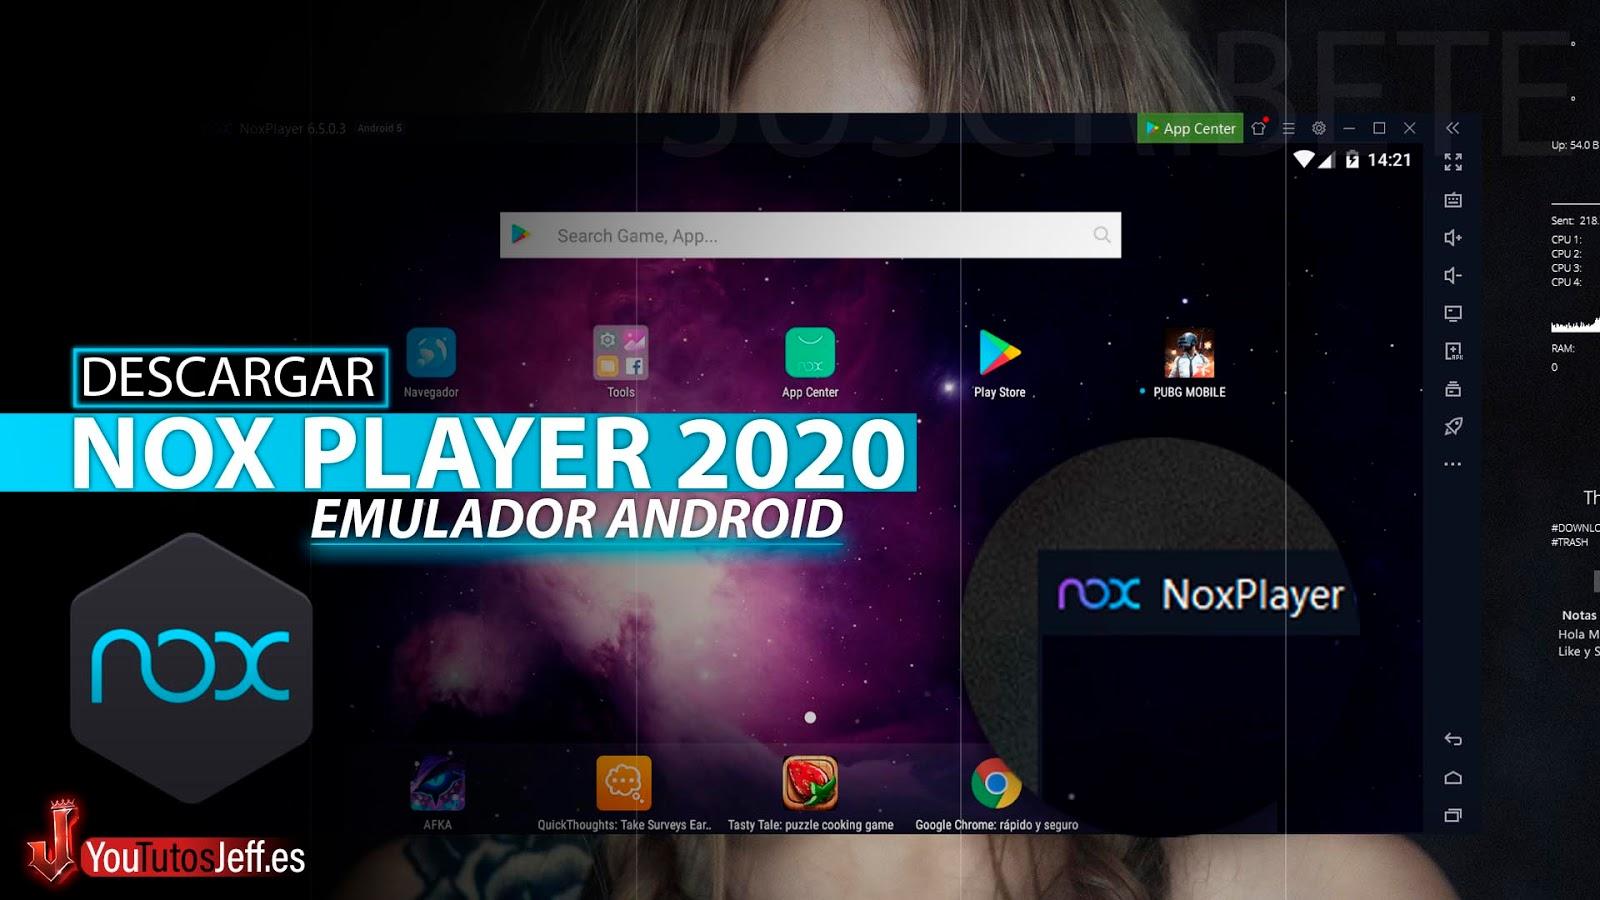 Descargar Nox Player 2020 Ultima Version Full Español, Emulador Android